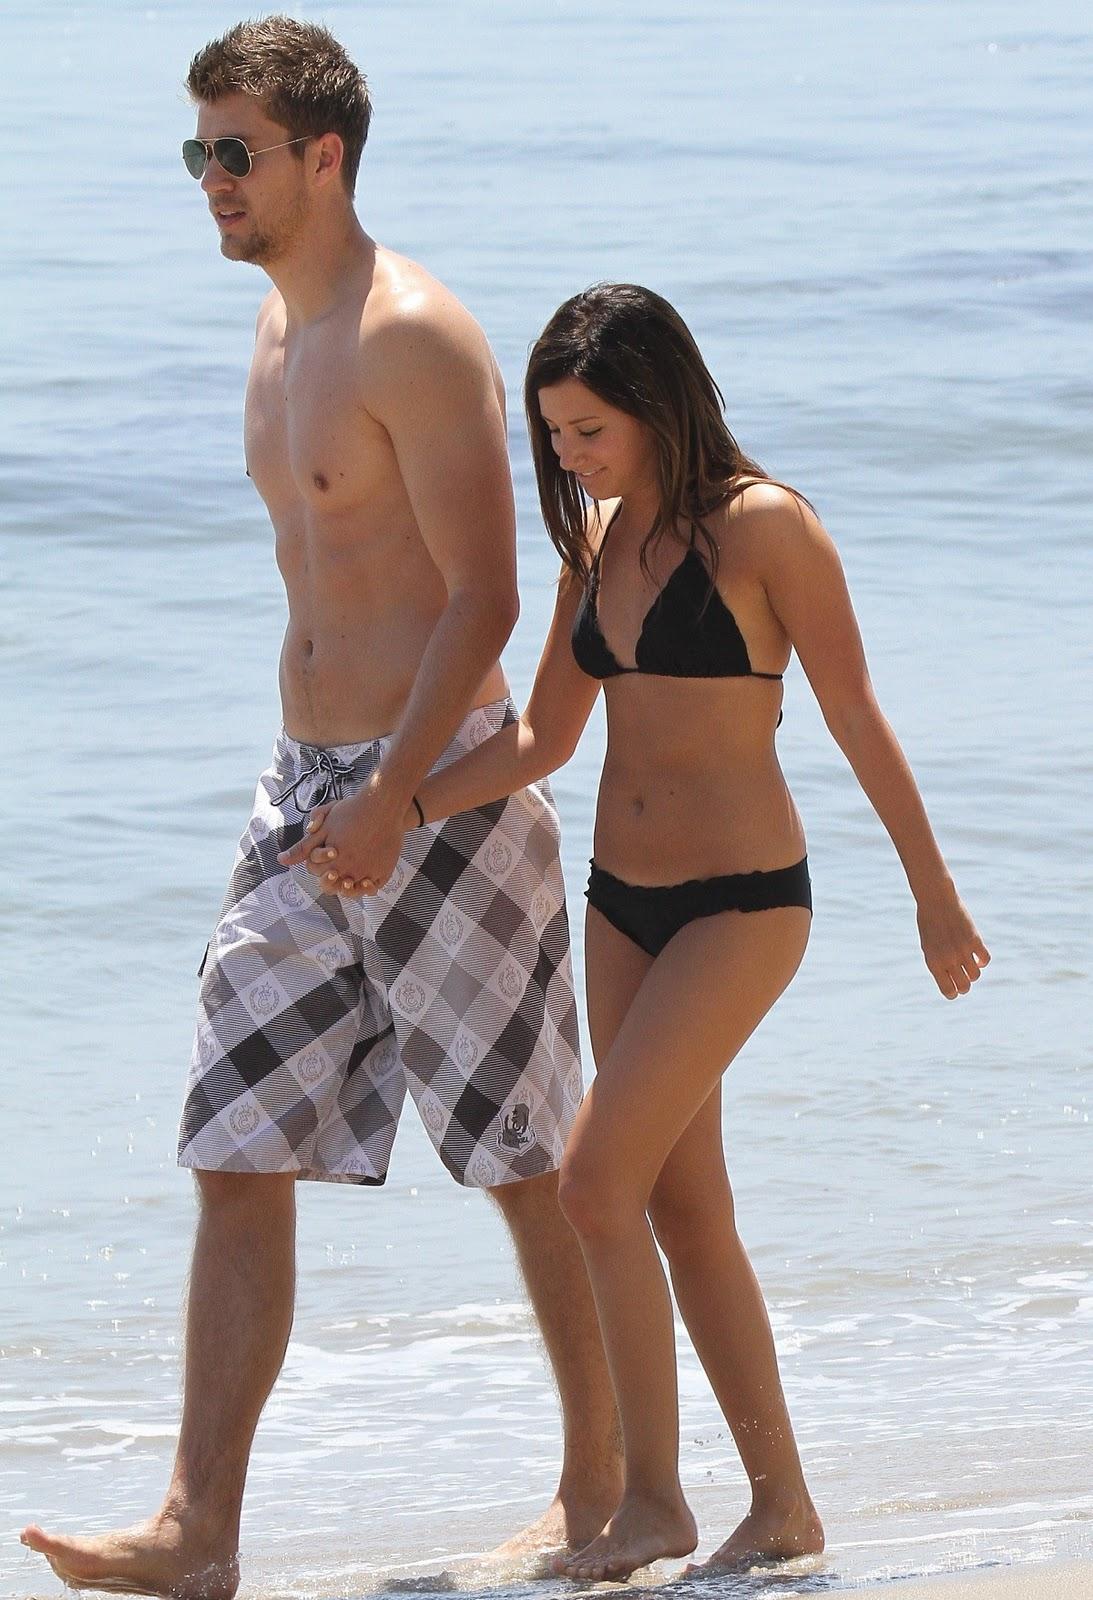 http://1.bp.blogspot.com/_WDCWEjl45FQ/TOxf_M5rNKI/AAAAAAAAAno/x_EbGrev4jc/s1600/ashley-tisdale-bikini-1-03.jpg